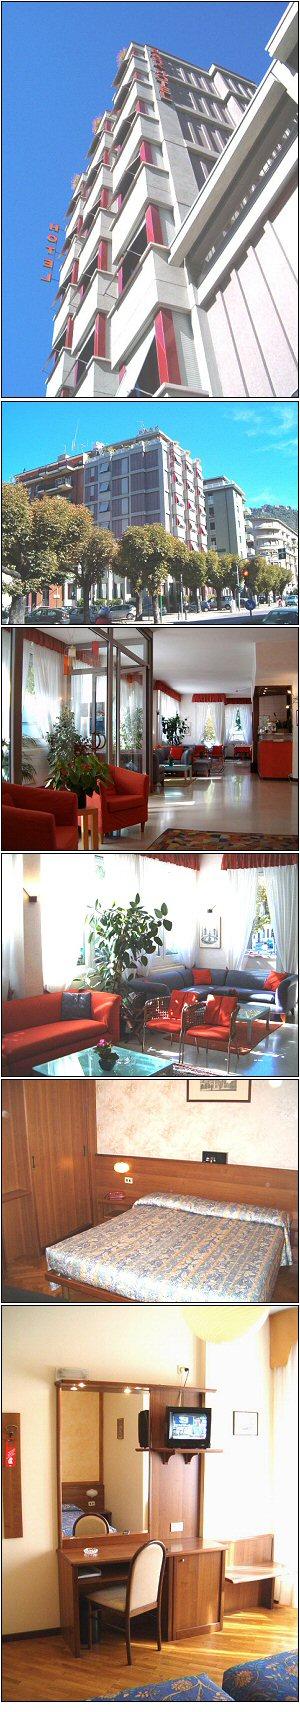 Park Hotel Meublè Hotel Como